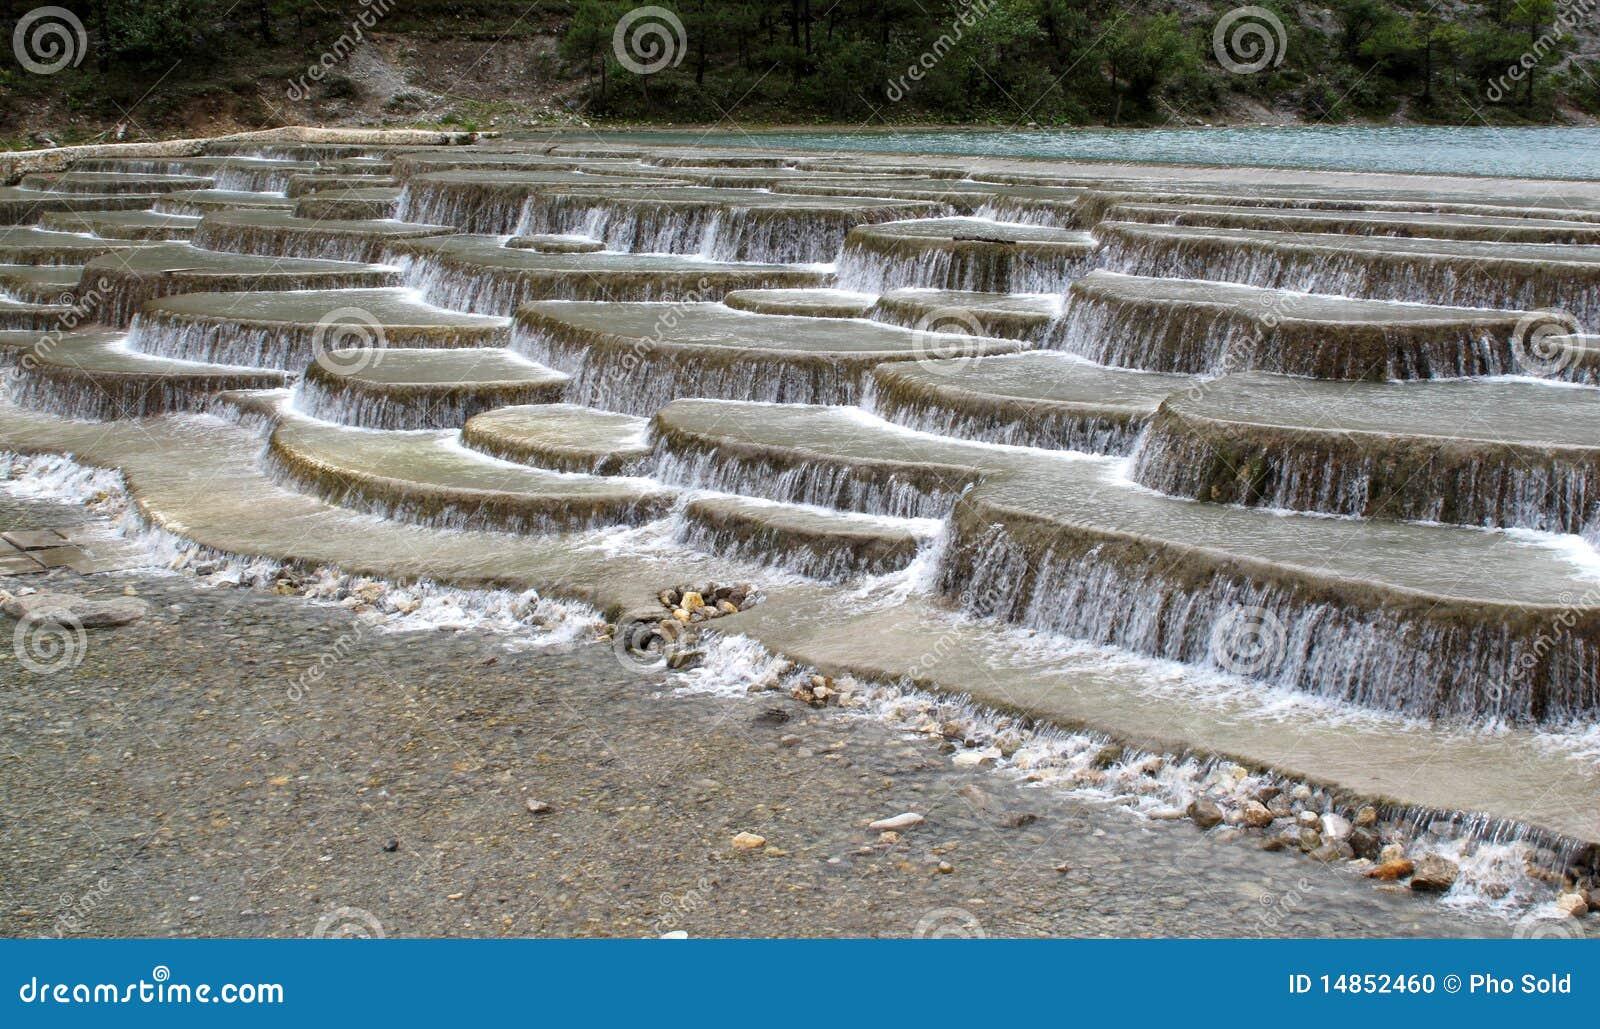 Terras de terrassen van de rivier van de stroomversnelling yunan stock foto afbeelding 14852460 - Foto van het terras ...